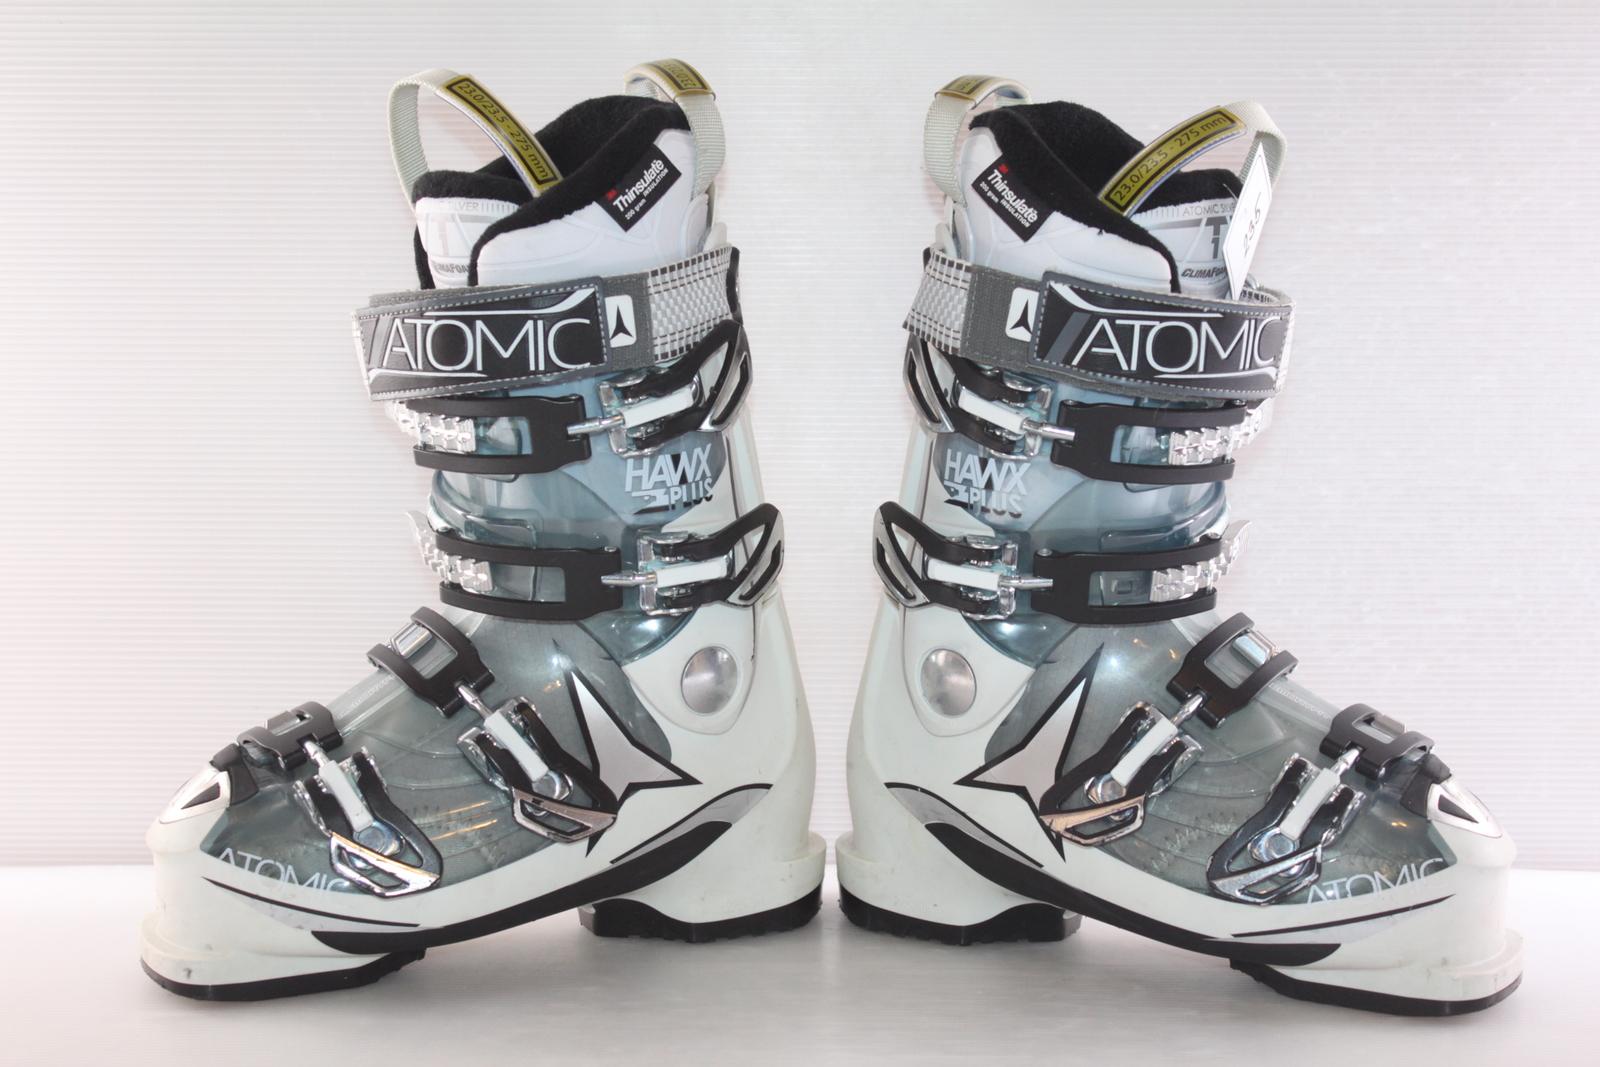 Dámské lyžáky Atomic Hawx plus vel. EU37